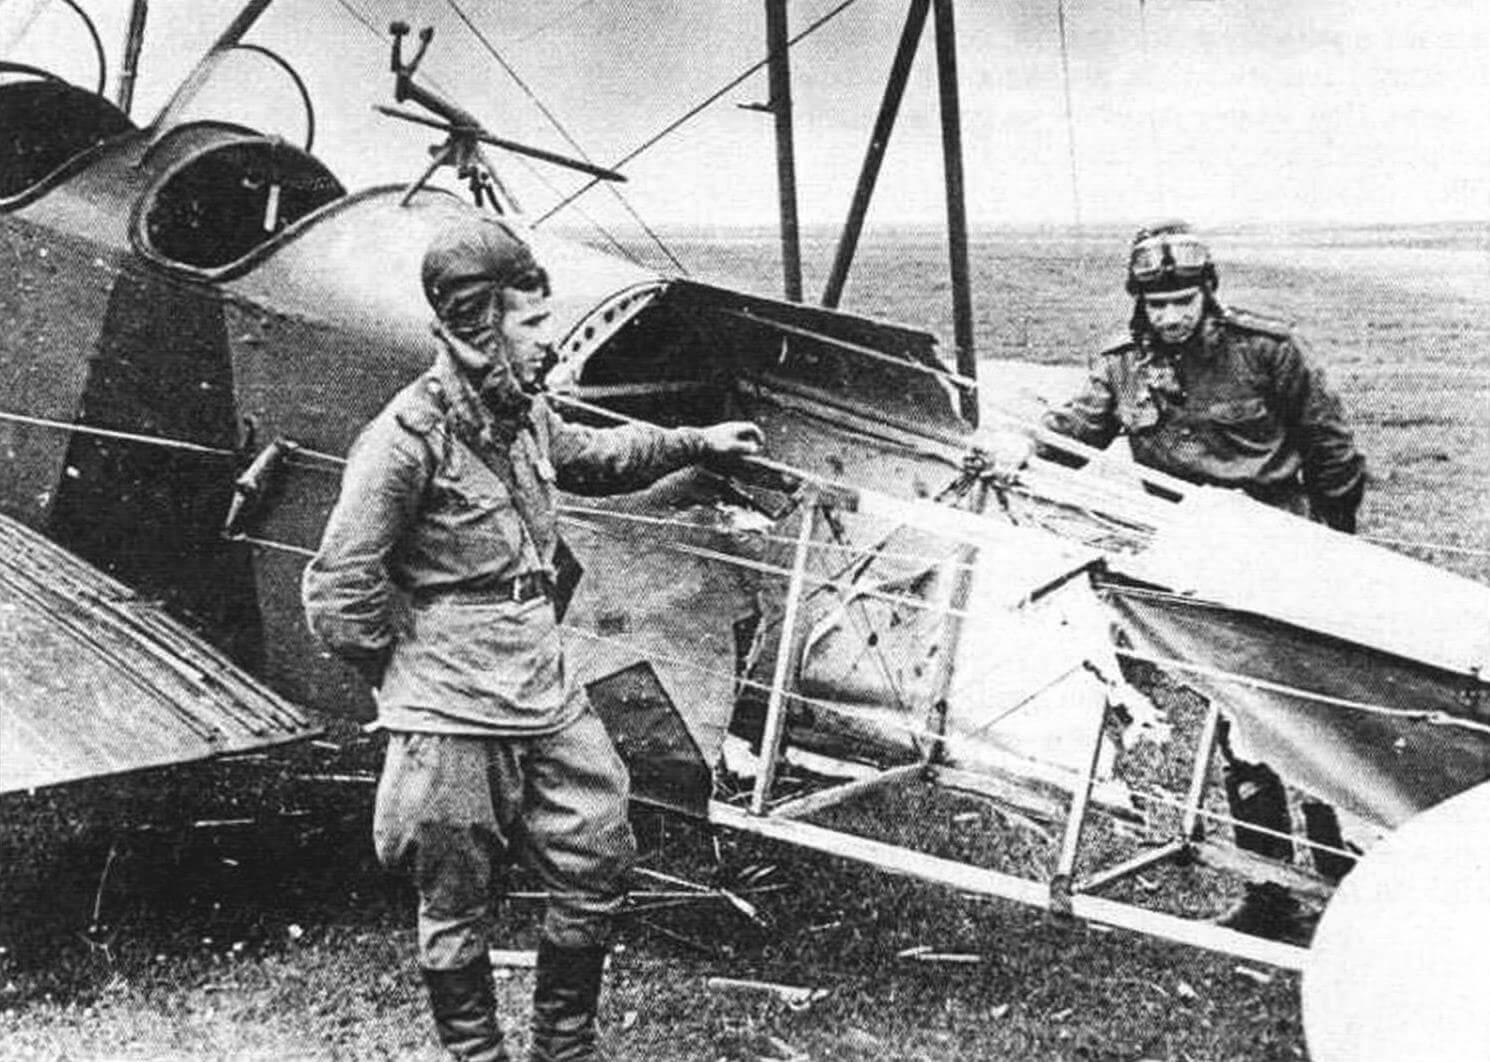 Возвращение после тяжелого боевого вылета (1943 год)